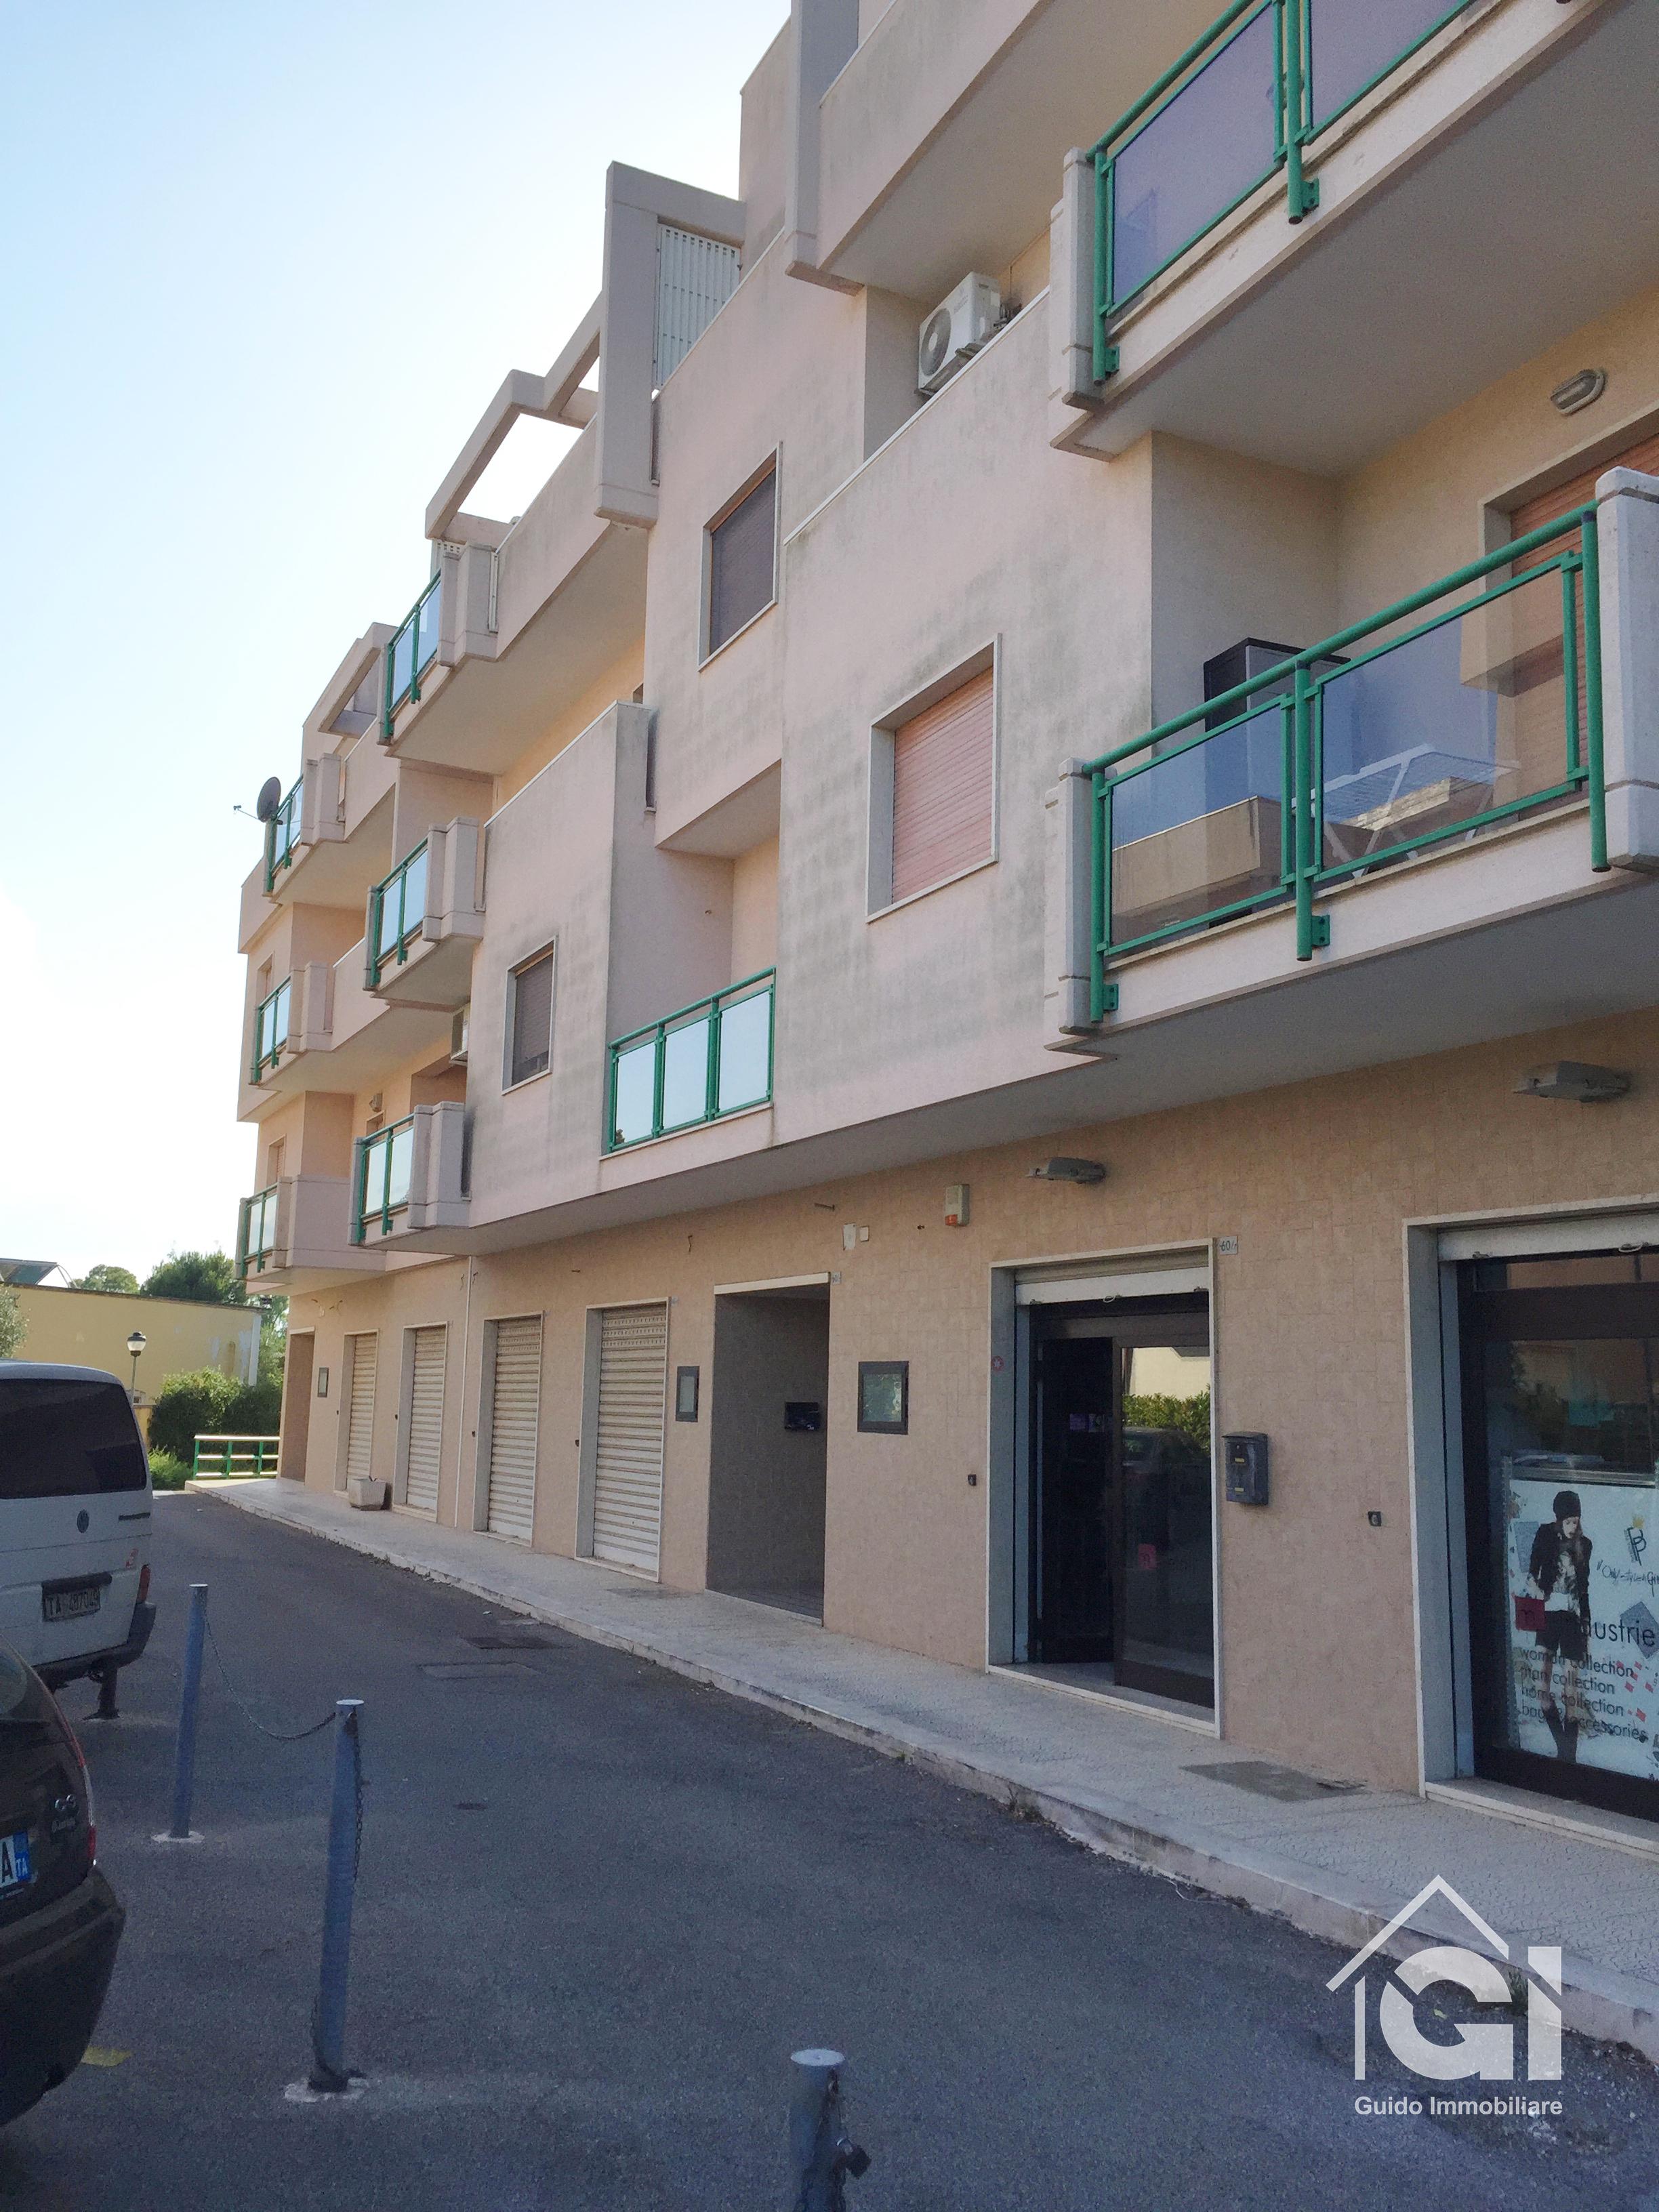 Appartamento Via Madonna Piccola, 60 – Martina Franca